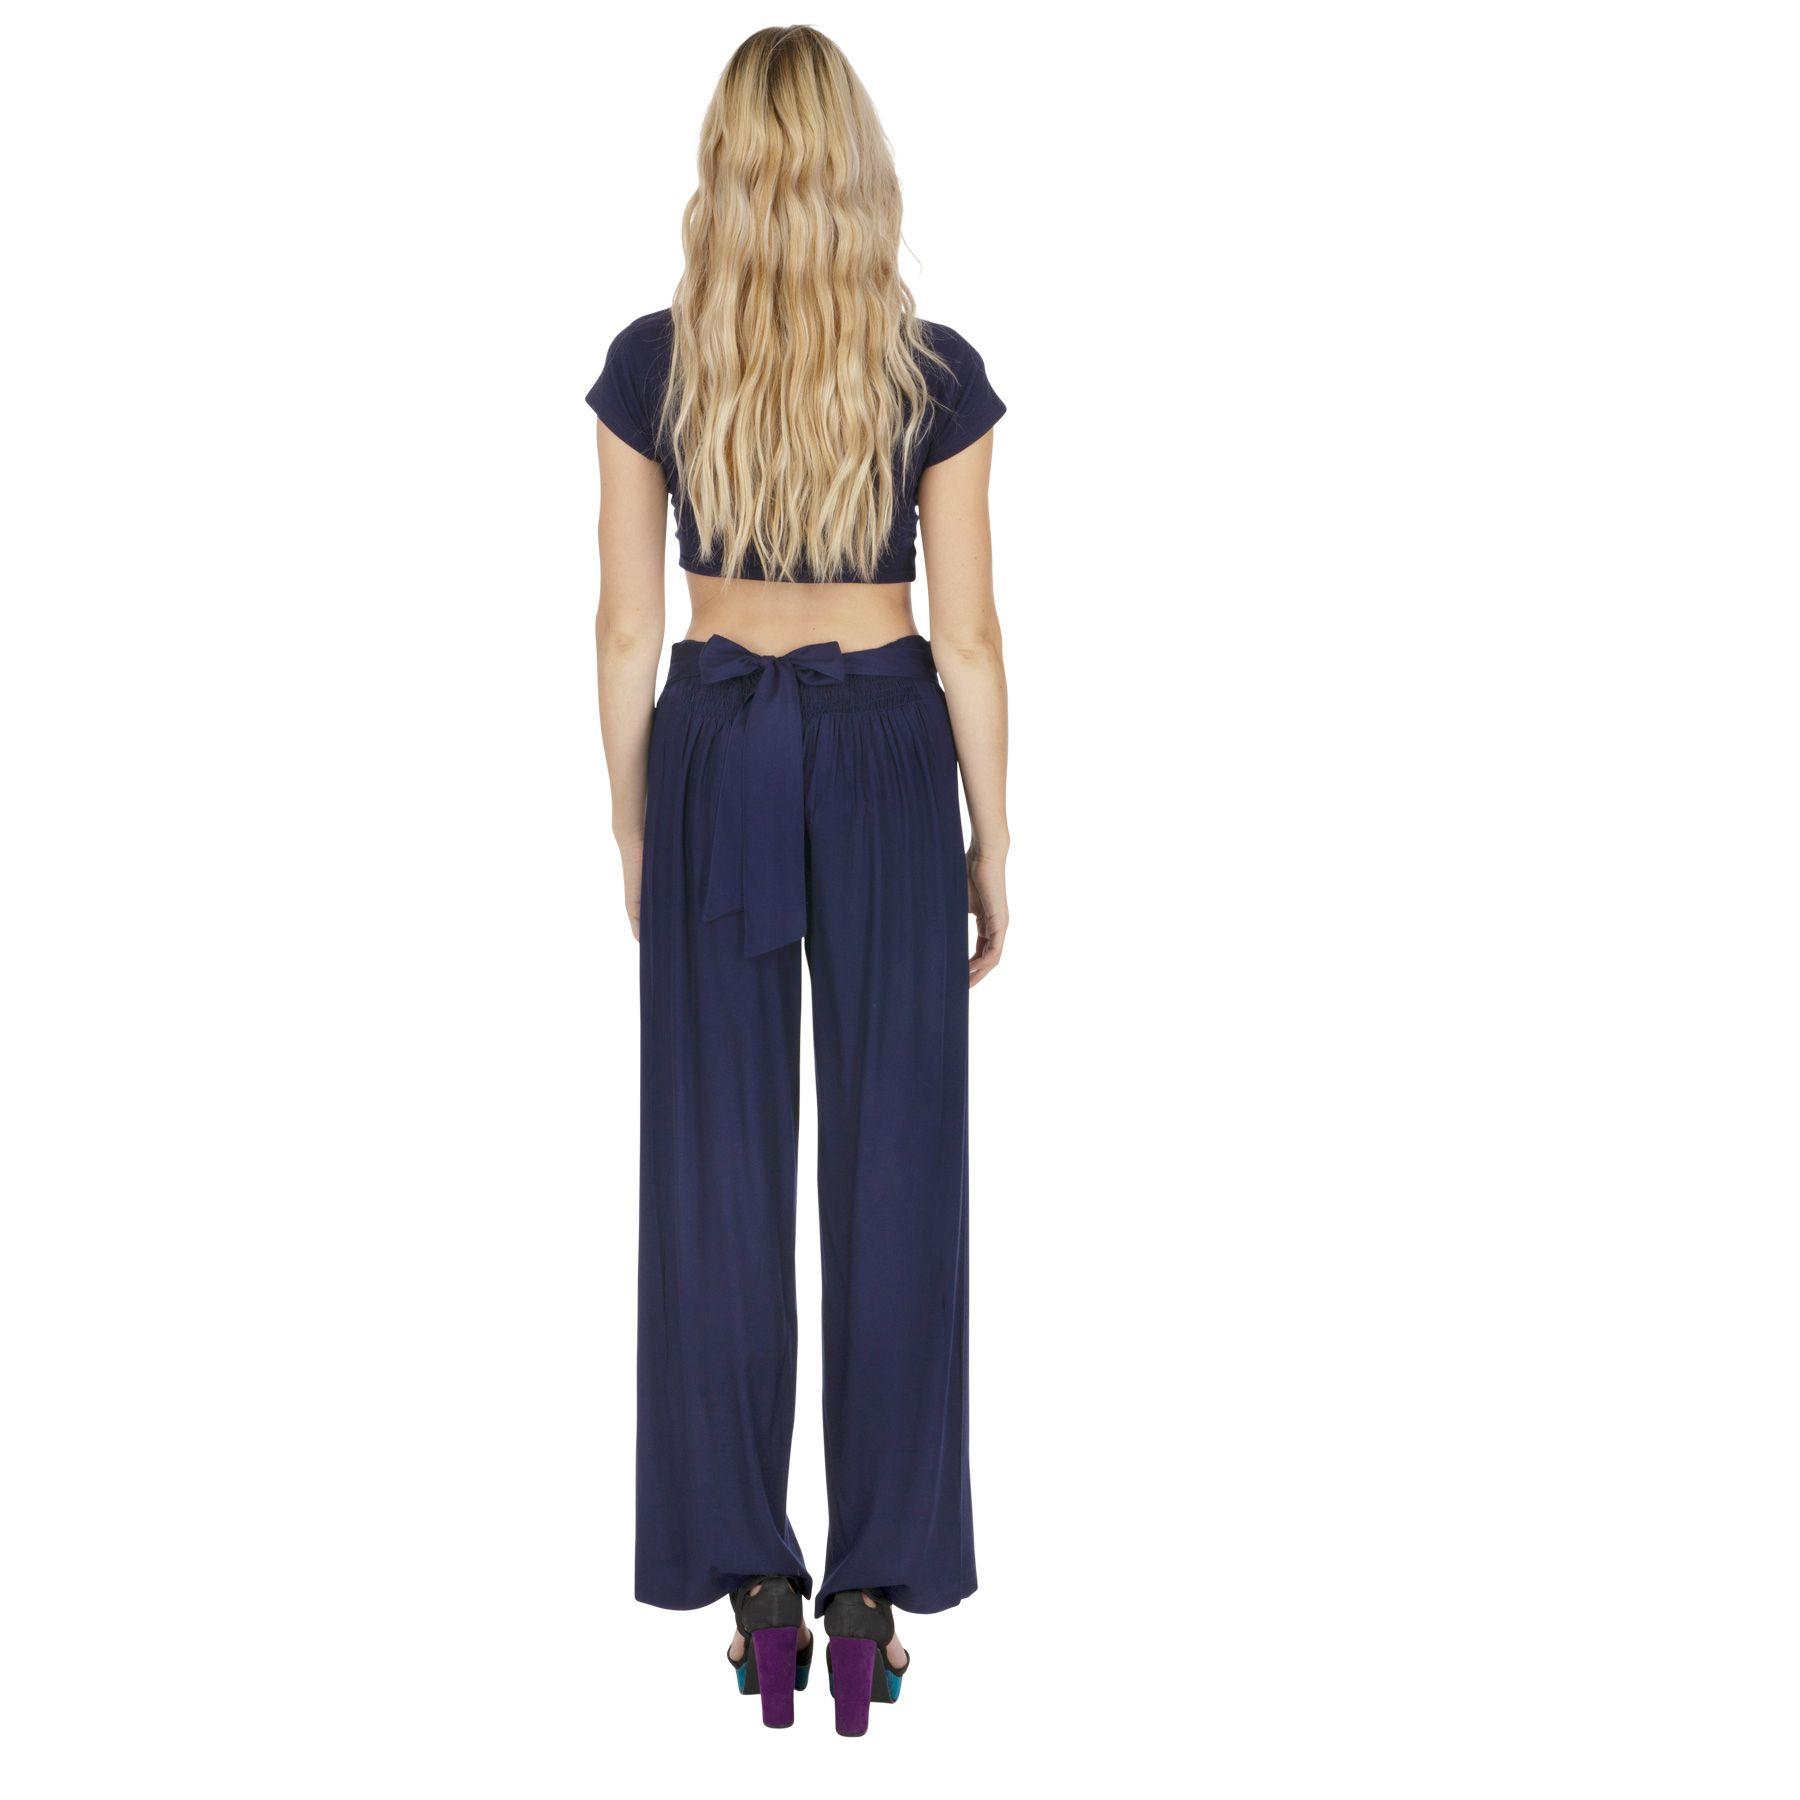 Pantalon droit femme bleu marine taille élastique Friendly 318391